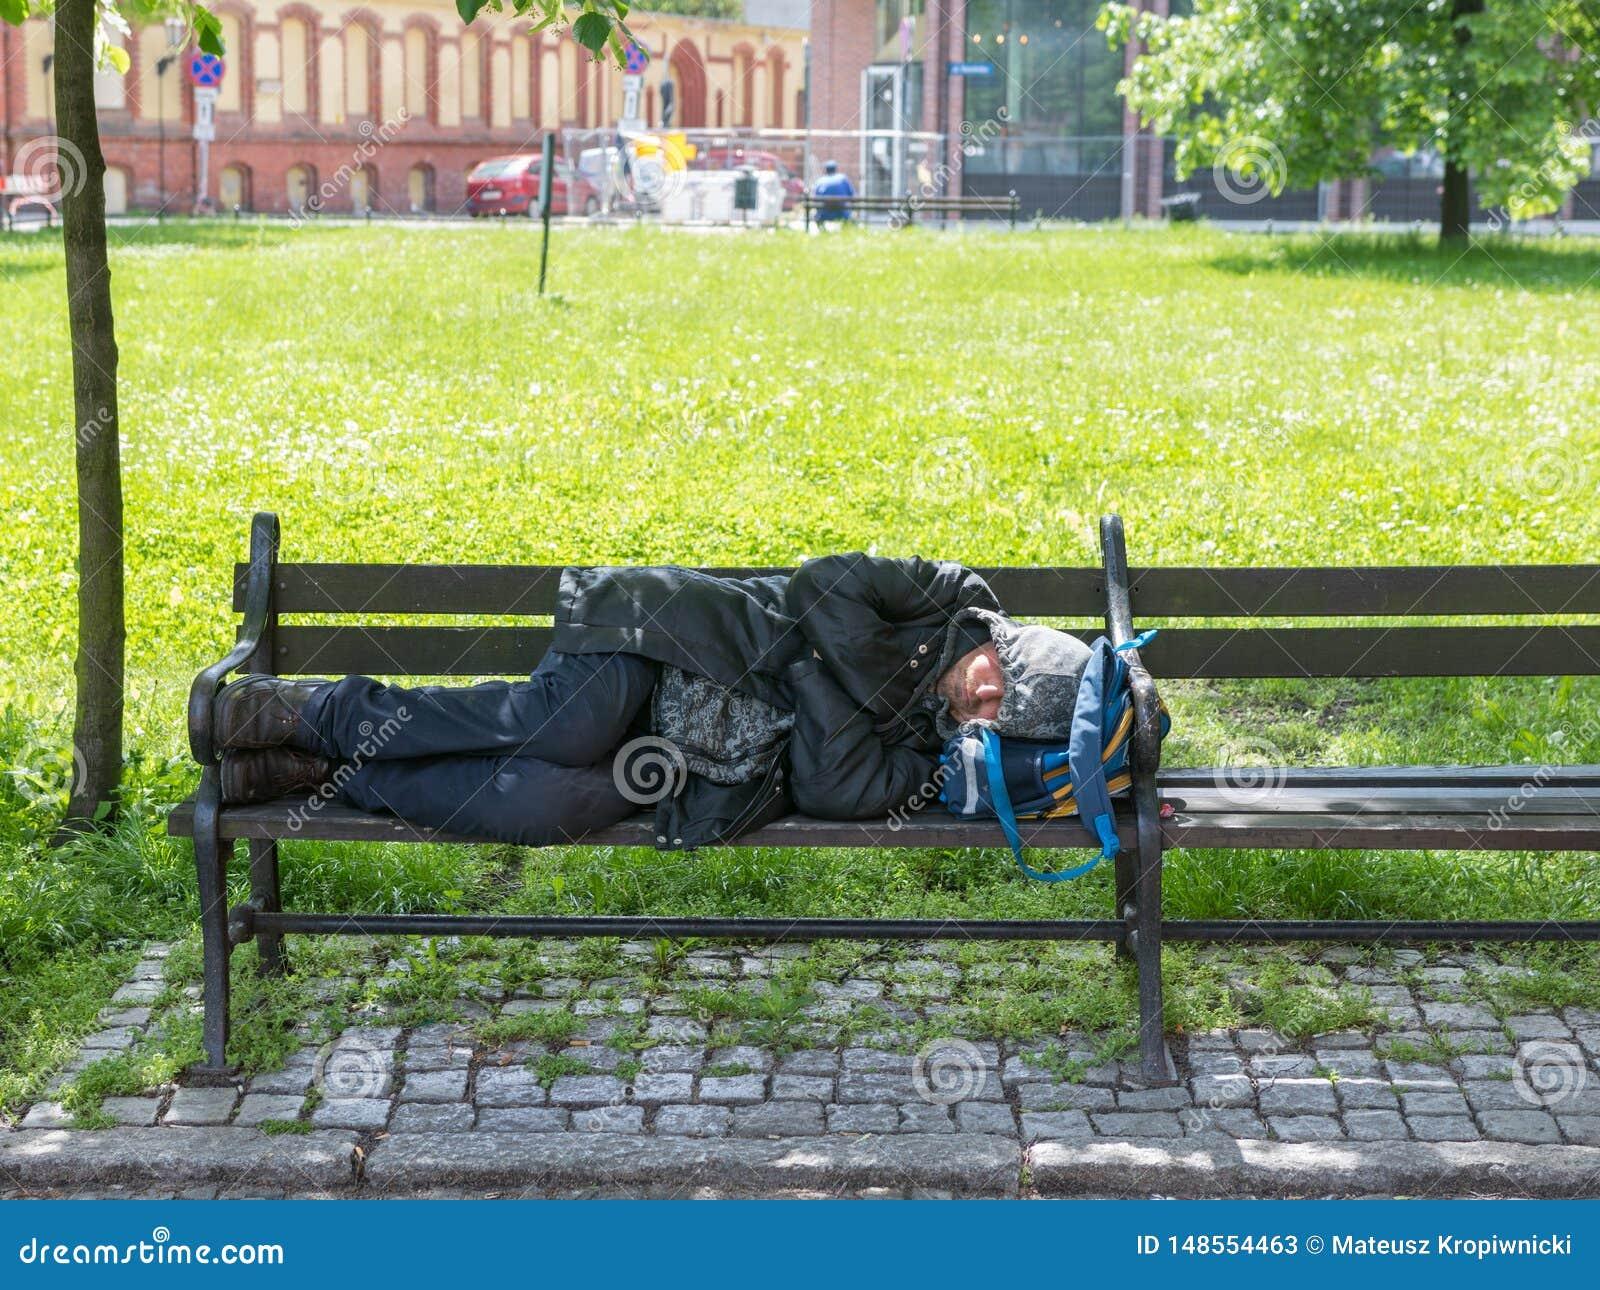 WrocÅ 'aw, Πολωνία - 24 Μαΐου 2019: Το άστεγο άτομο κοιμάται σε έναν πάγκο κοντά πρόσφατα χτισμένη